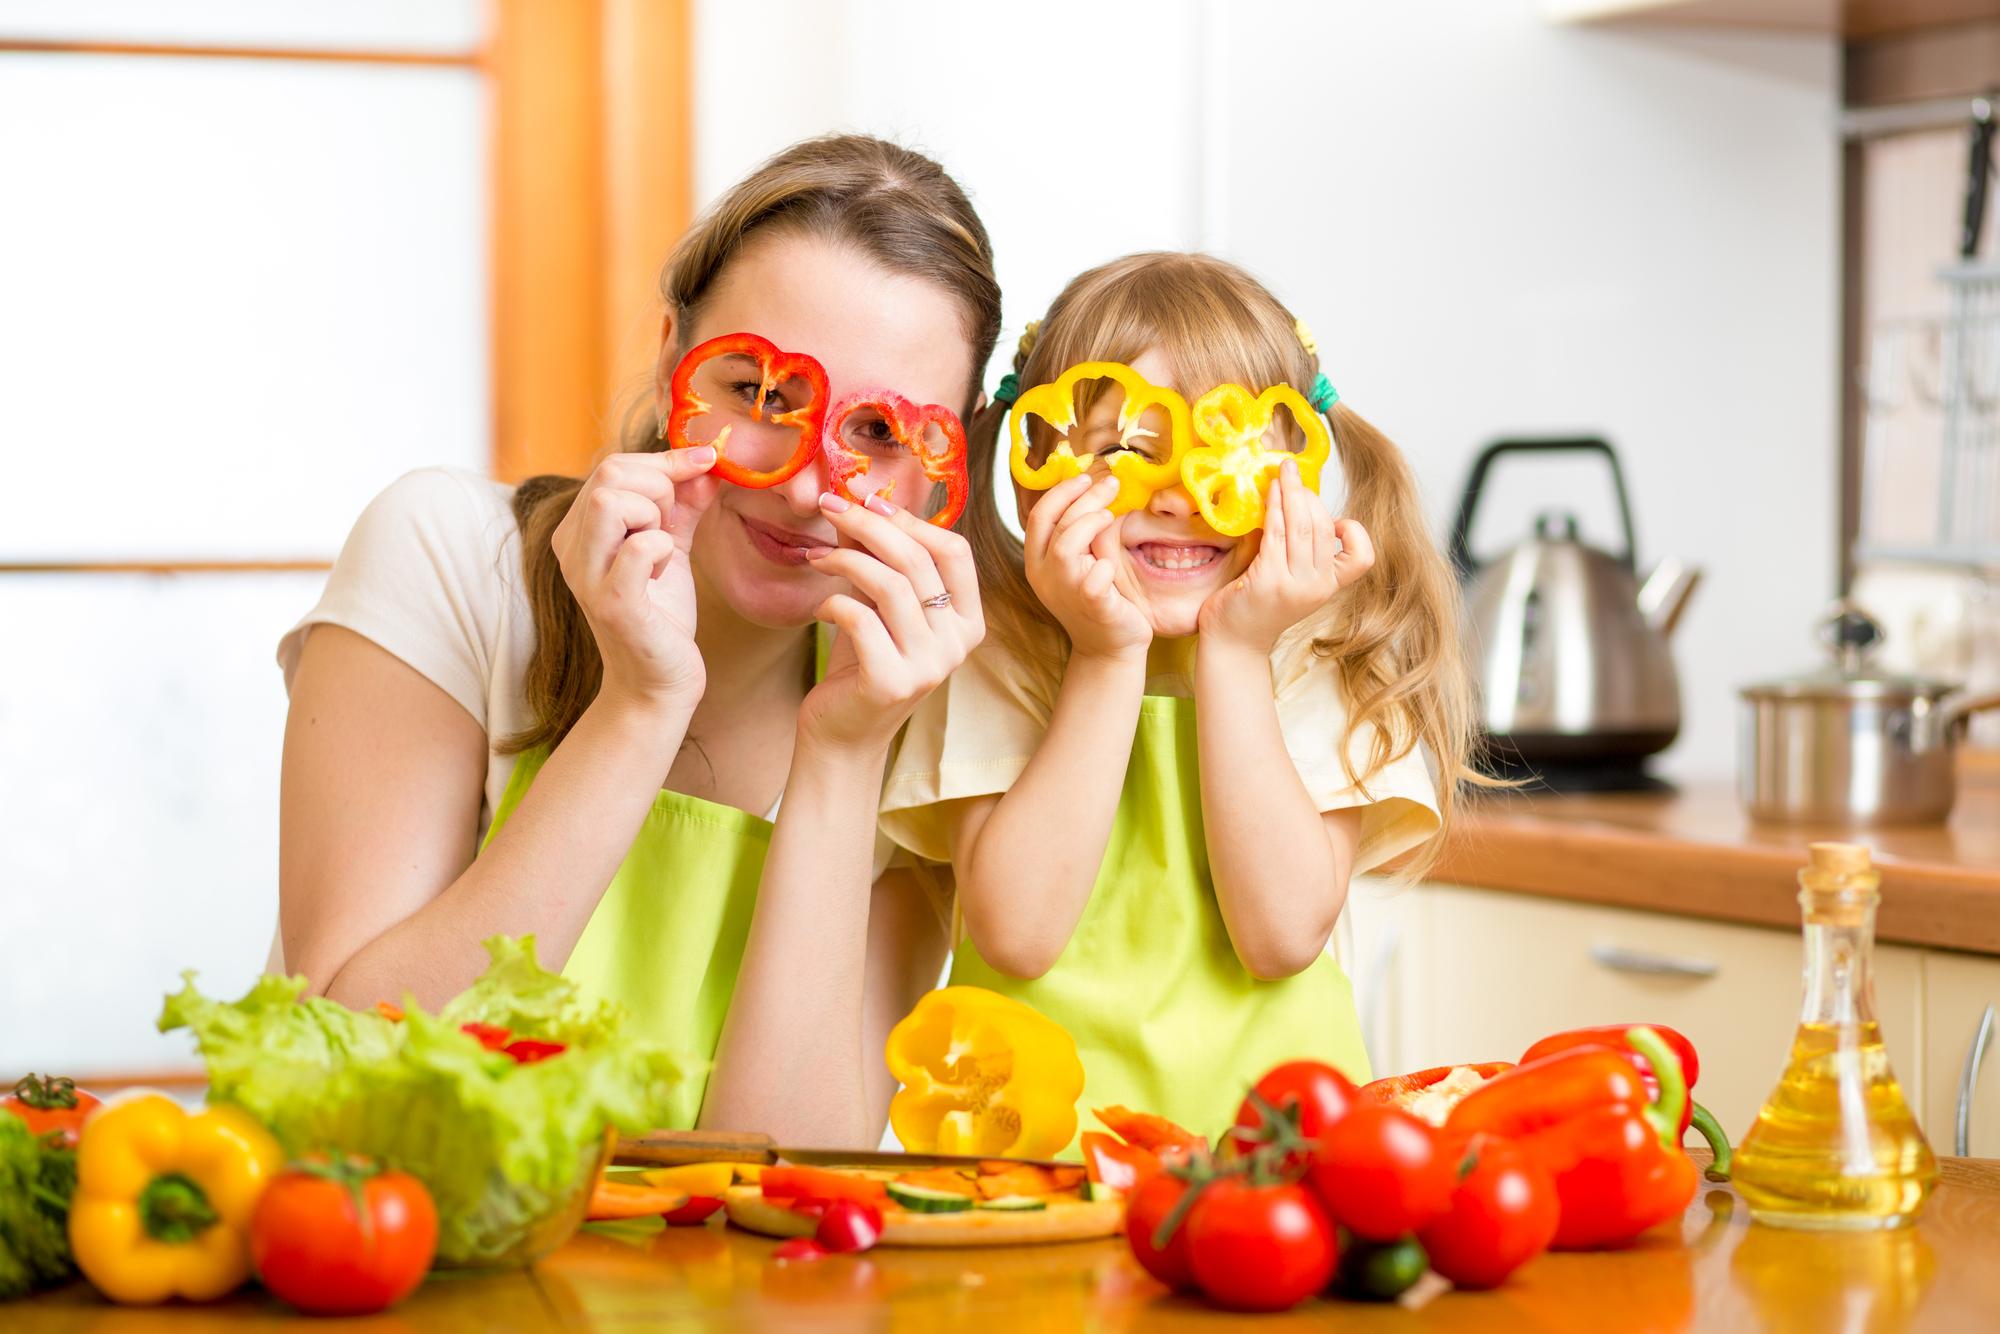 Как готовить овощи, чтобы сохранить их пользу: советы диетолога